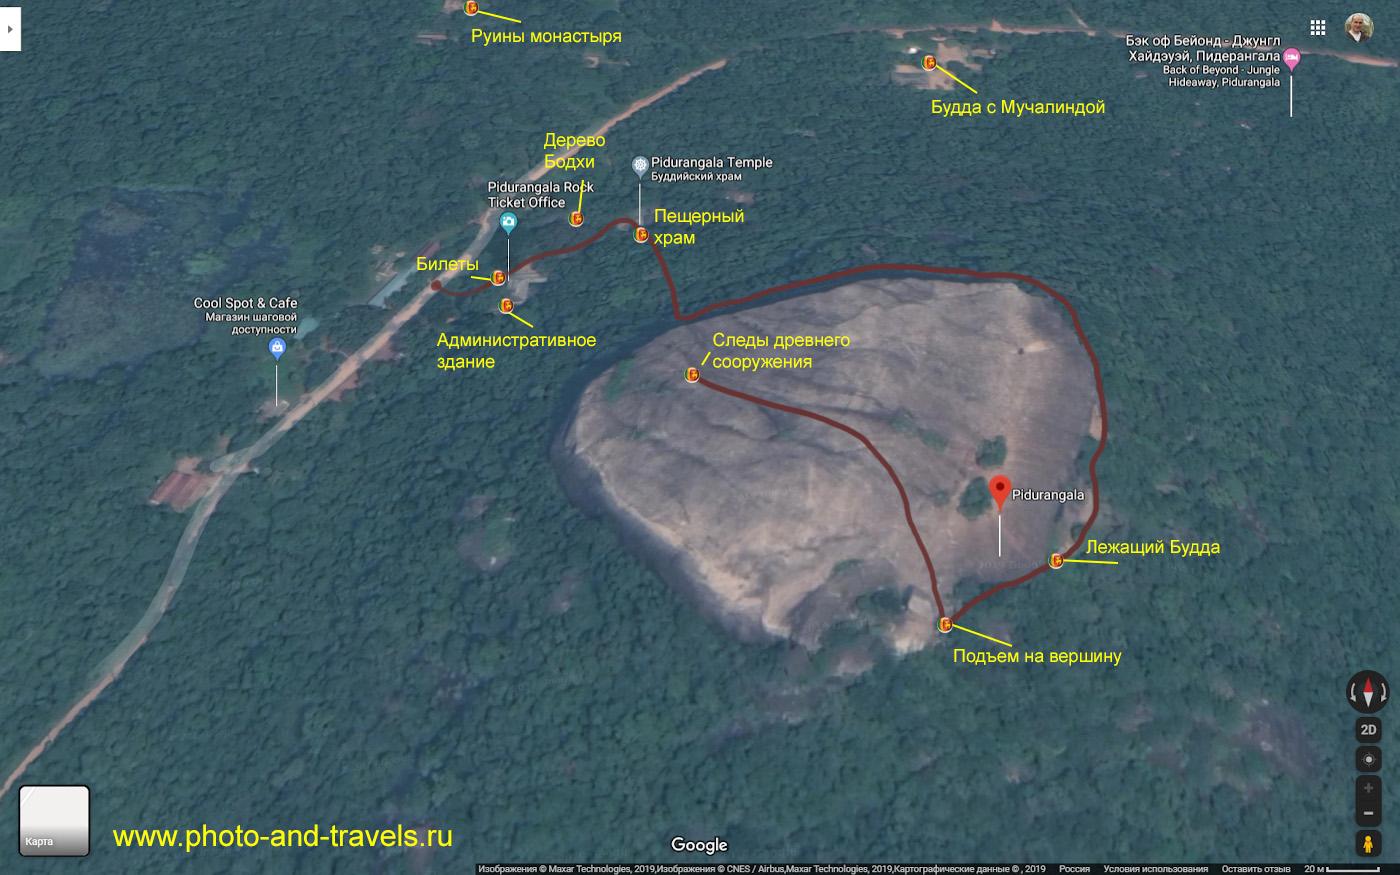 16. Карта со схемой восхождения на скалу Пидурангала (Pidurangala Rock).